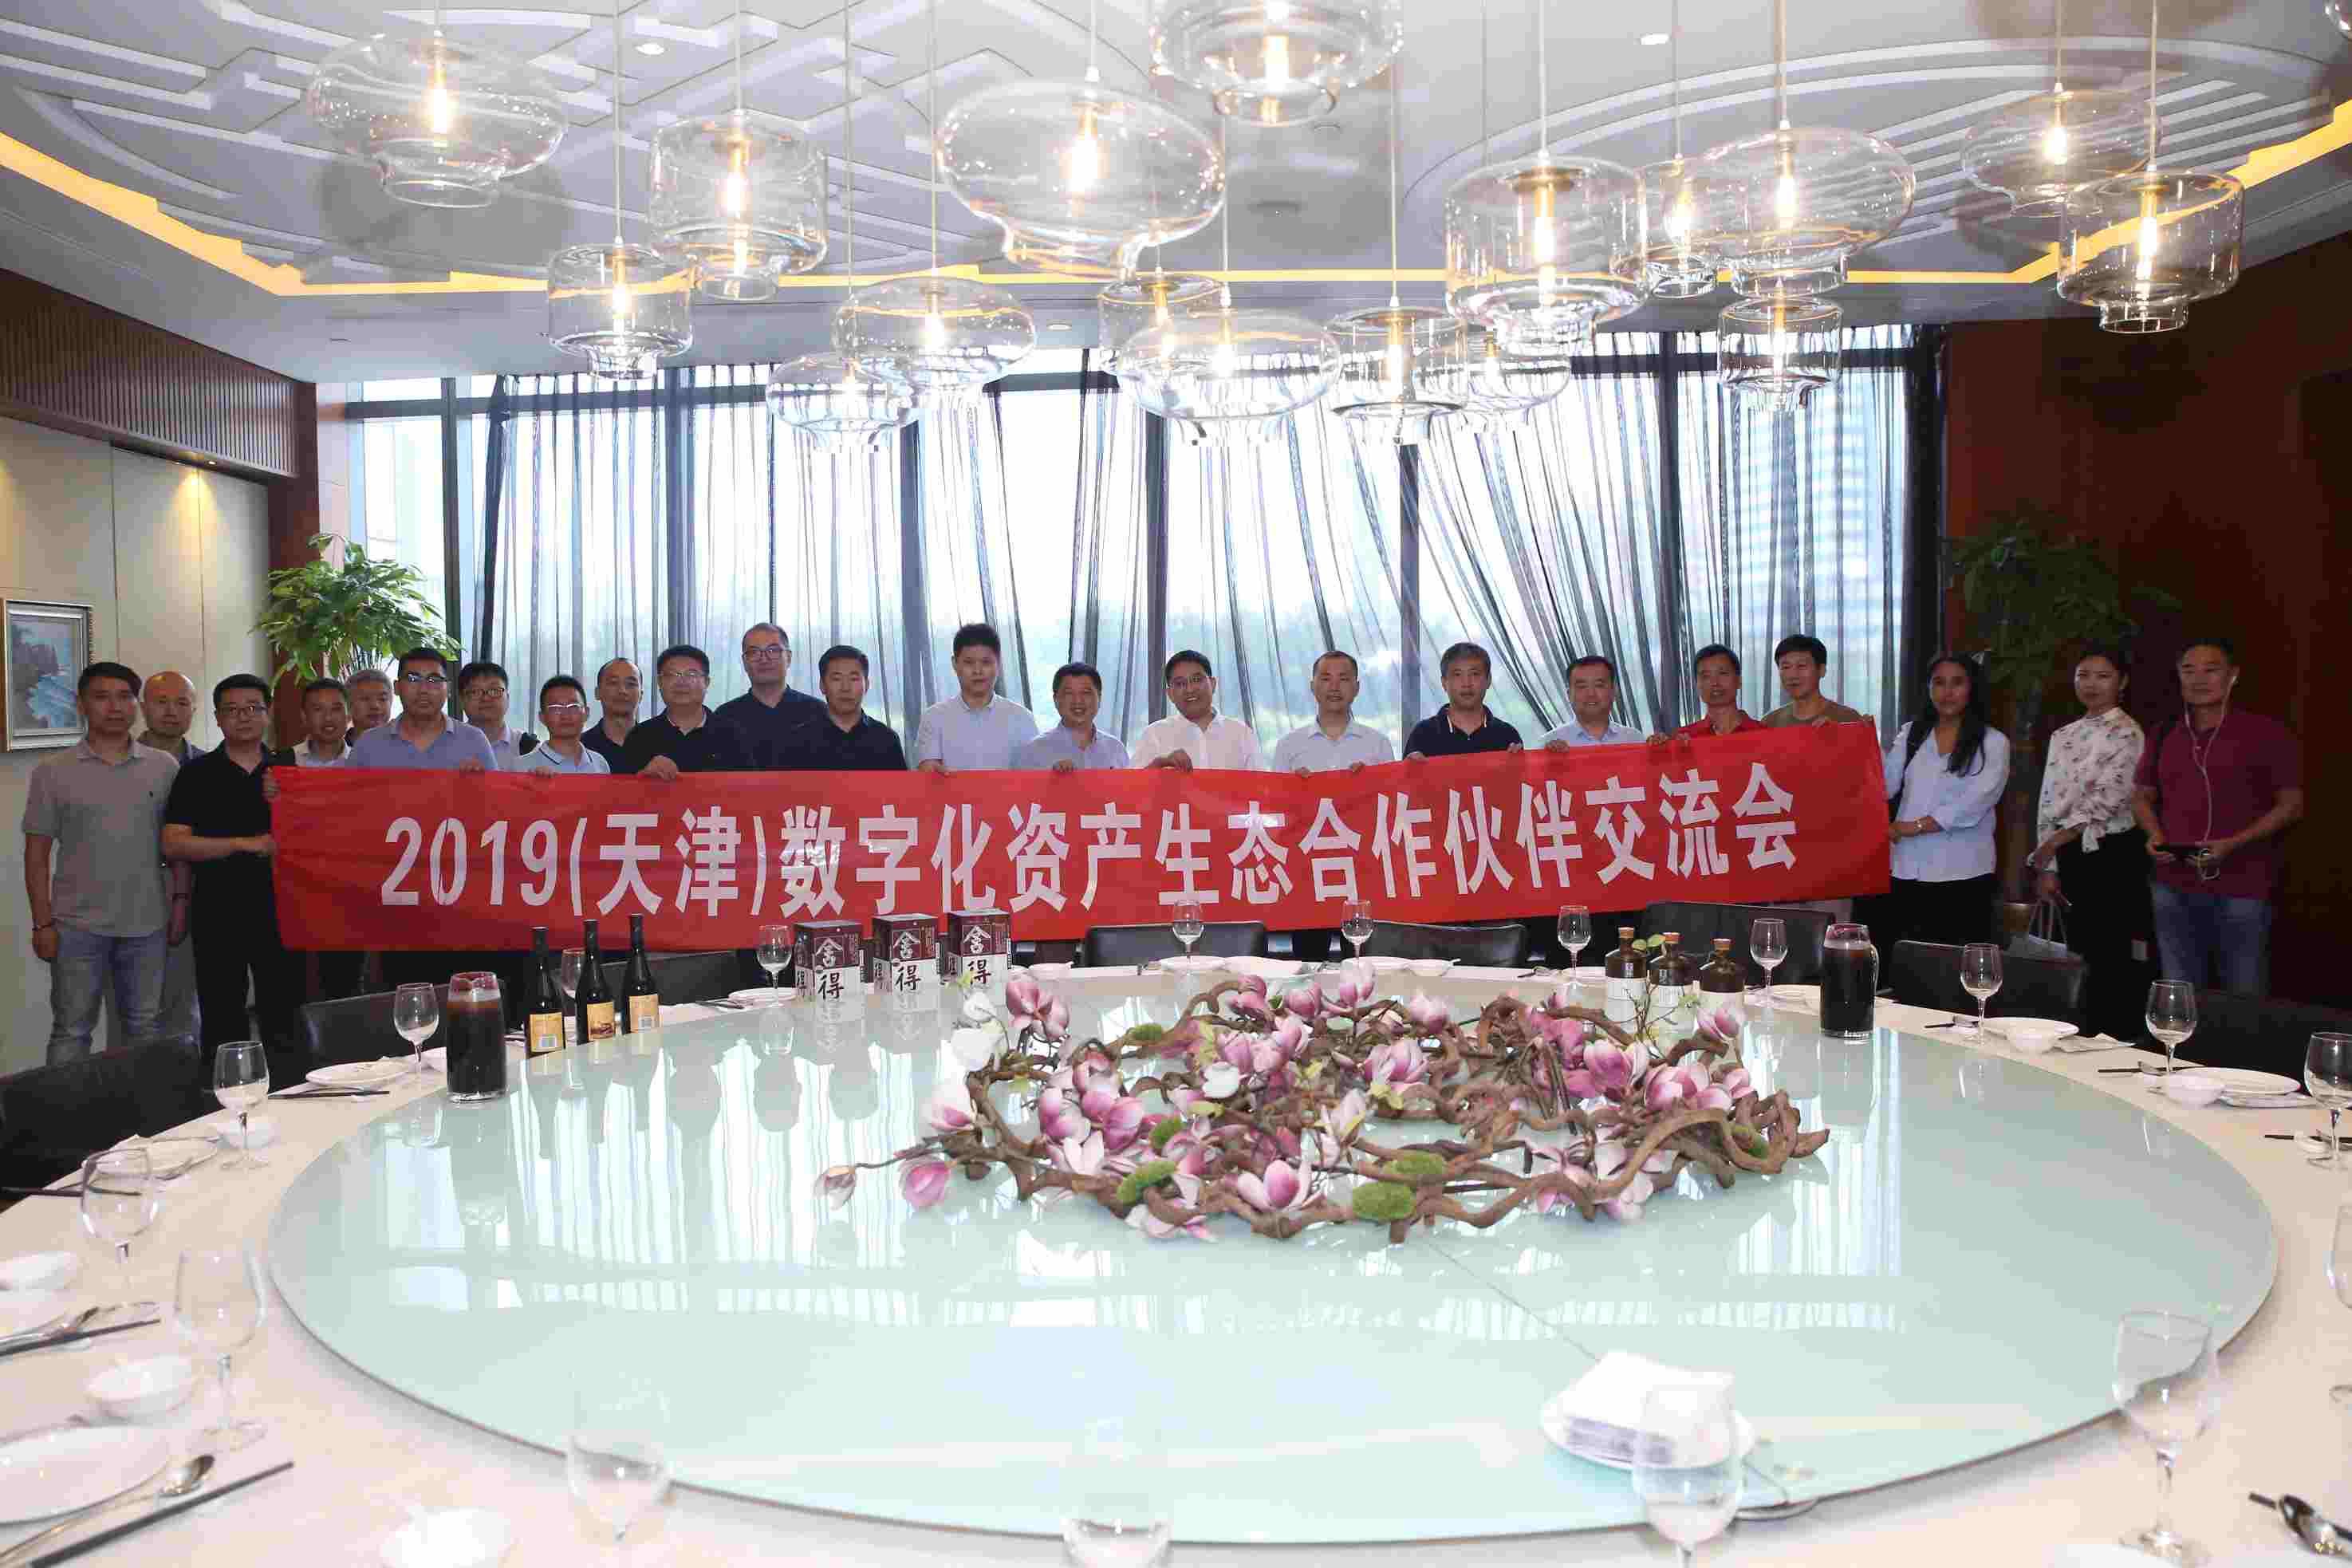 2019(天津)数字化资产生态合作伙伴交流会